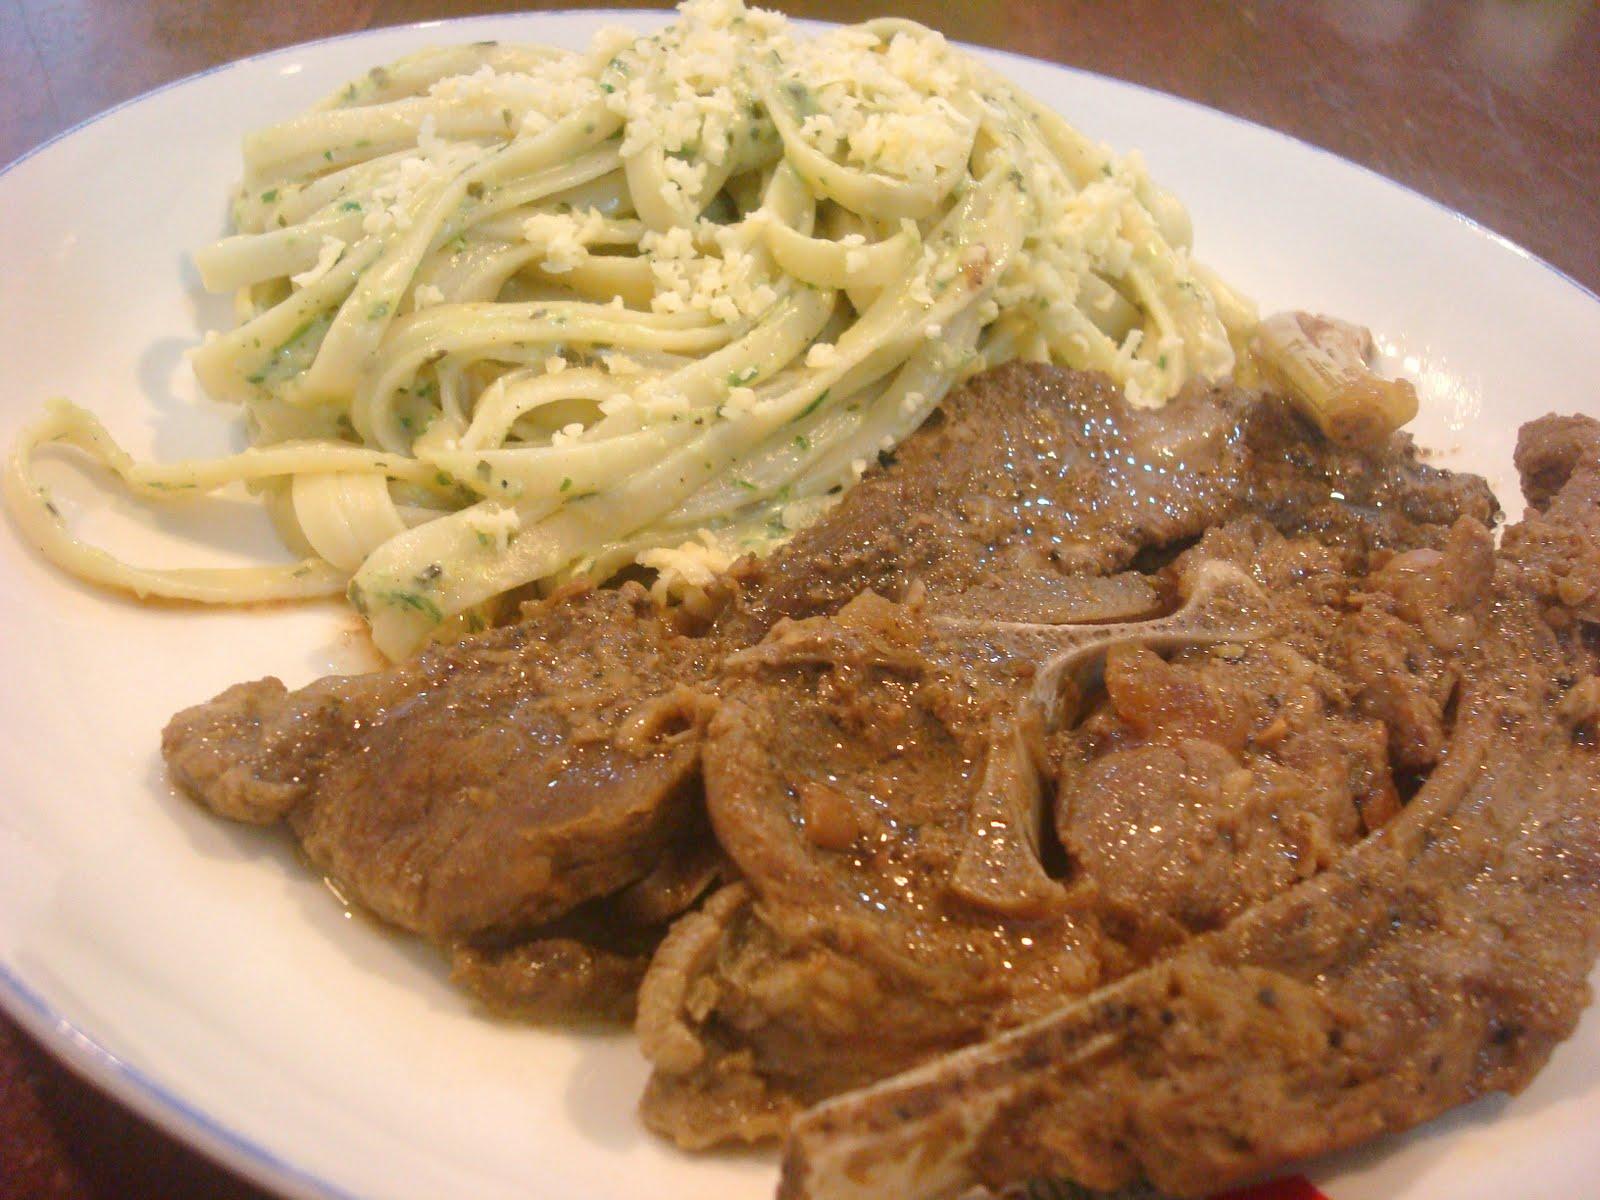 World Cuisine: Braised Lamb and Linguine Pesto